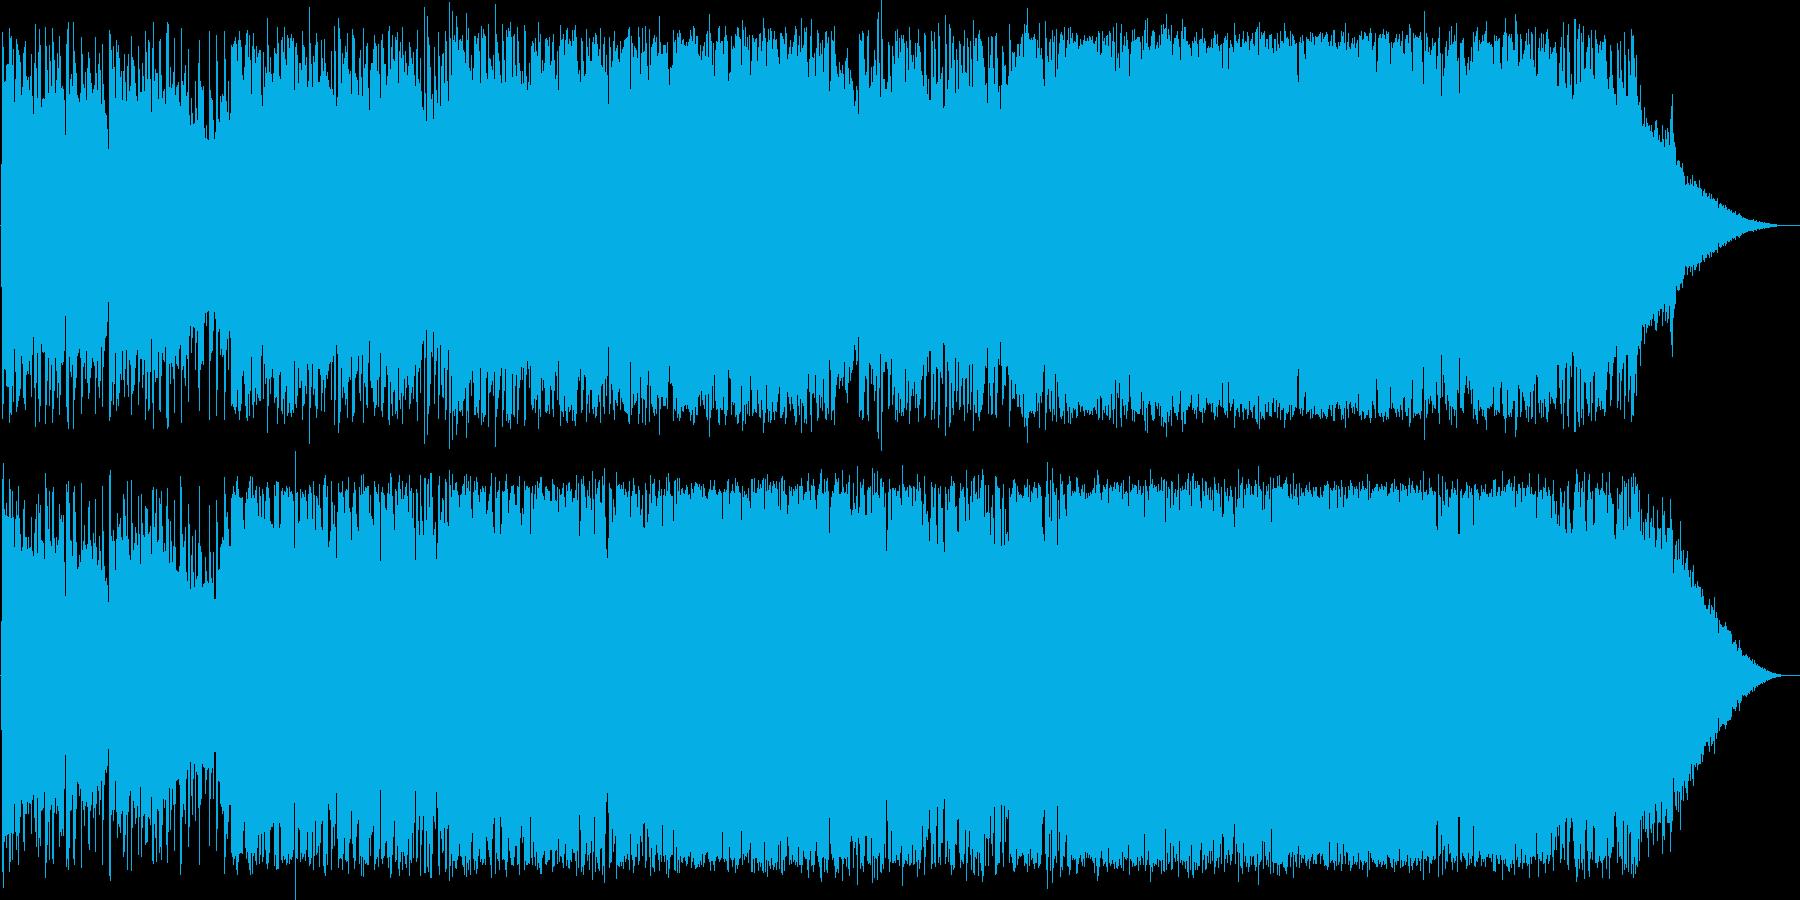 泣けるバラードの再生済みの波形